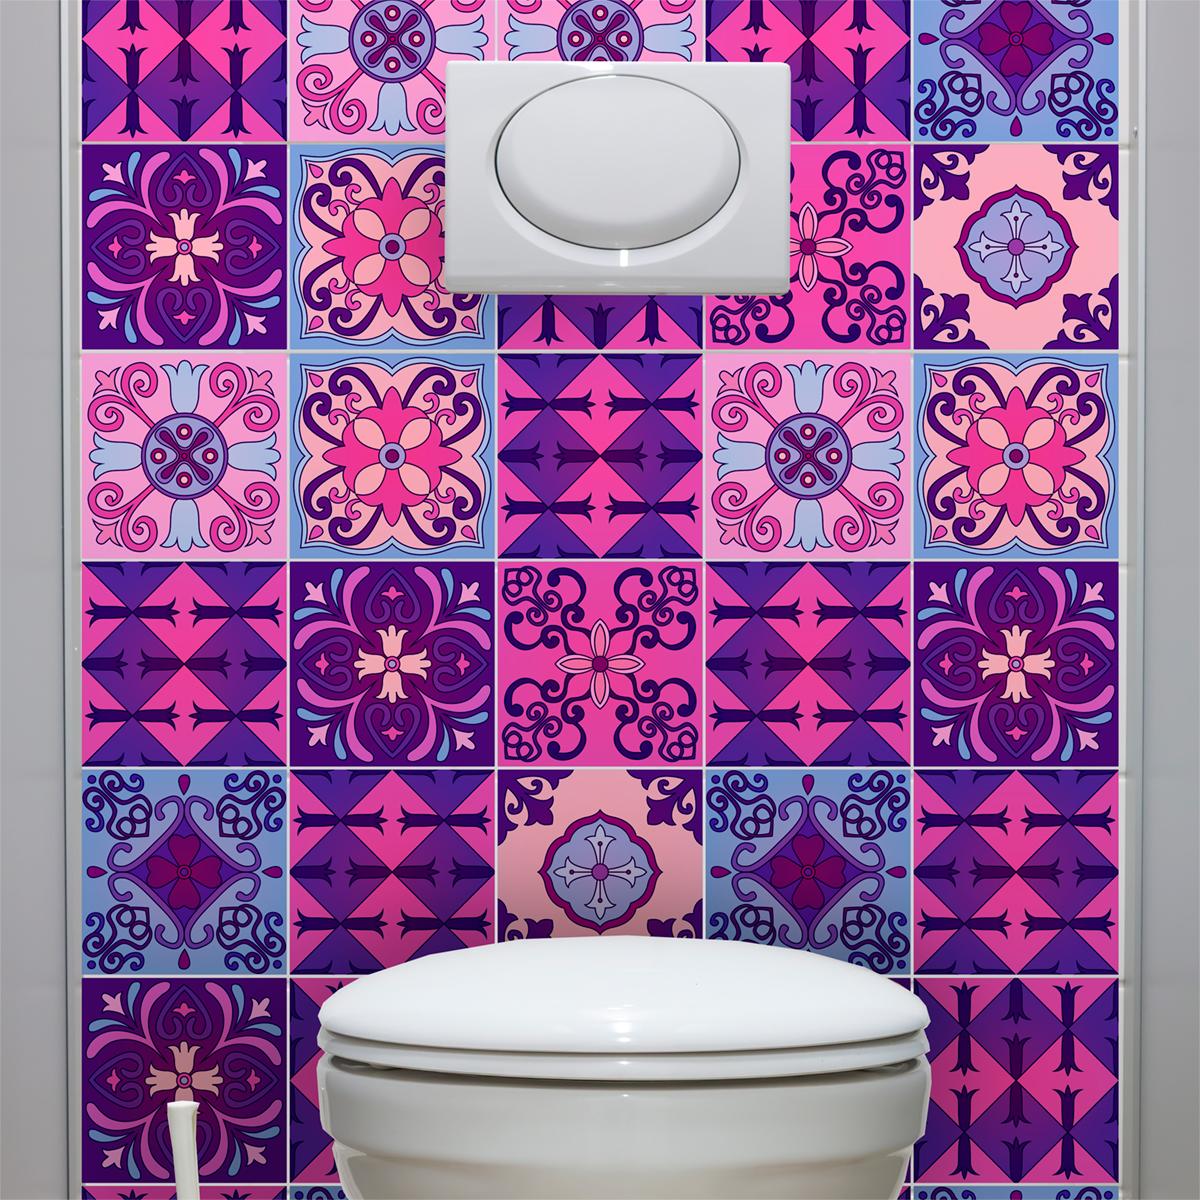 9 stickers carrelages azulejos violet byzantine art et design artistiques ambiance sticker. Black Bedroom Furniture Sets. Home Design Ideas